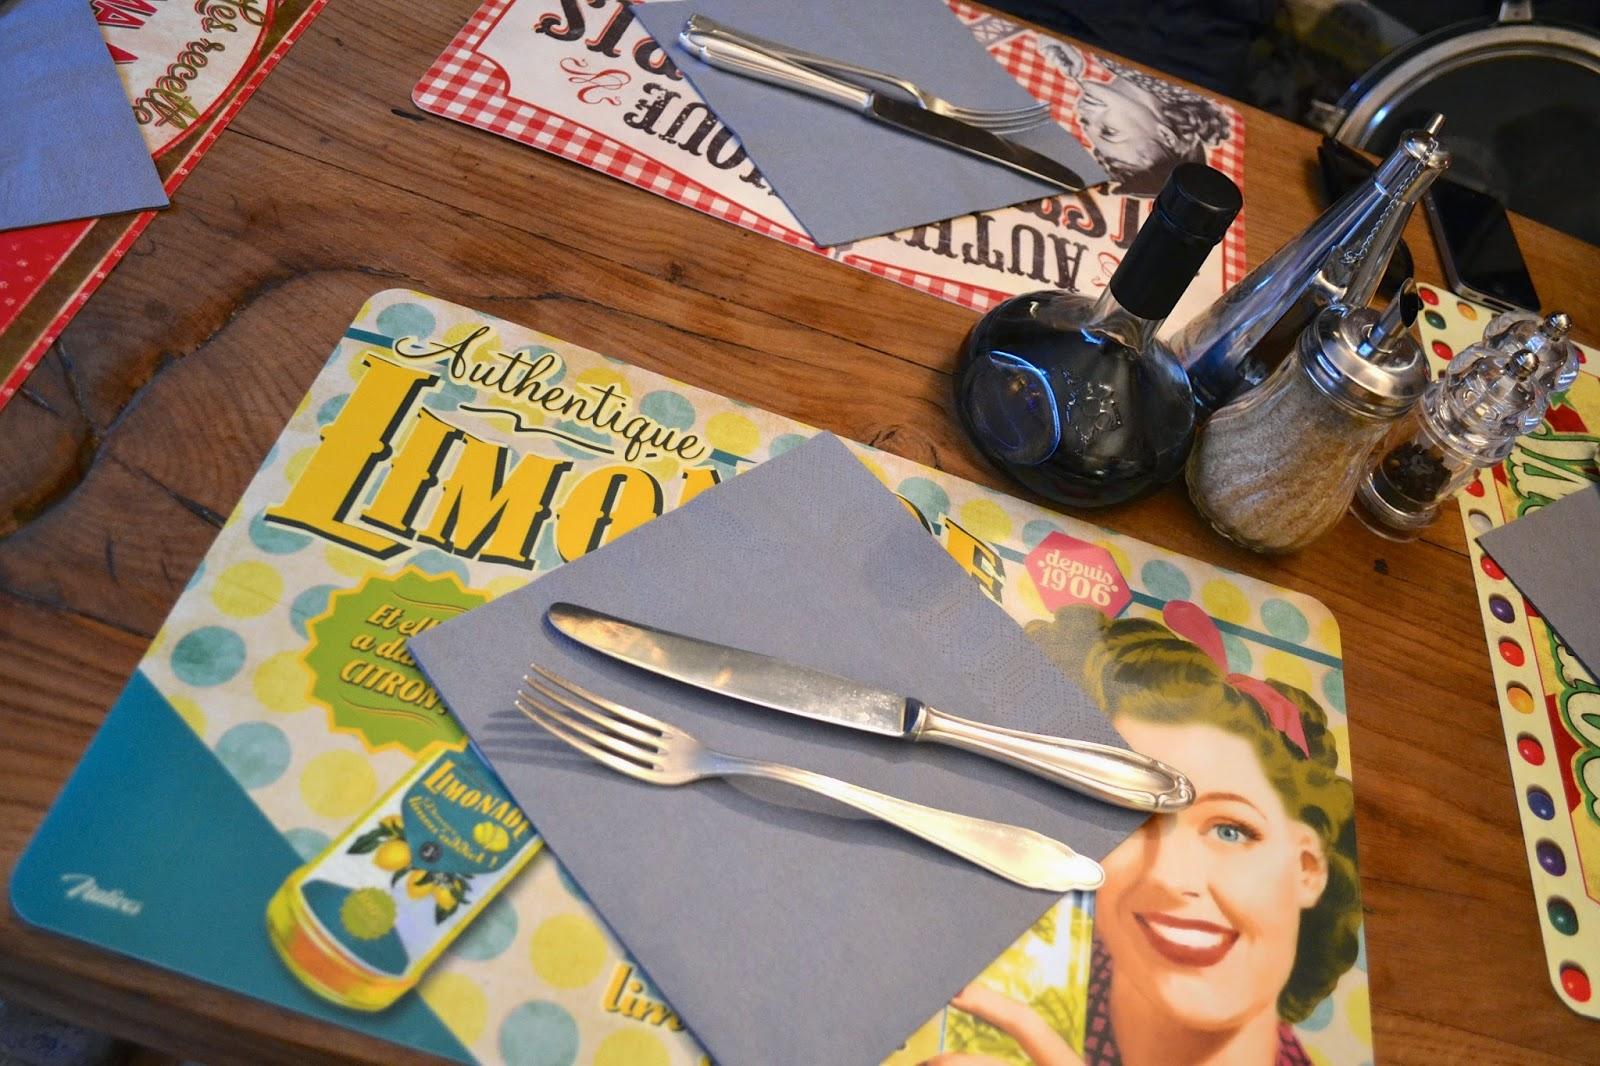 cafeteria y tienda de antigüedades l'arantèle cafe crocante, rolle, suiza